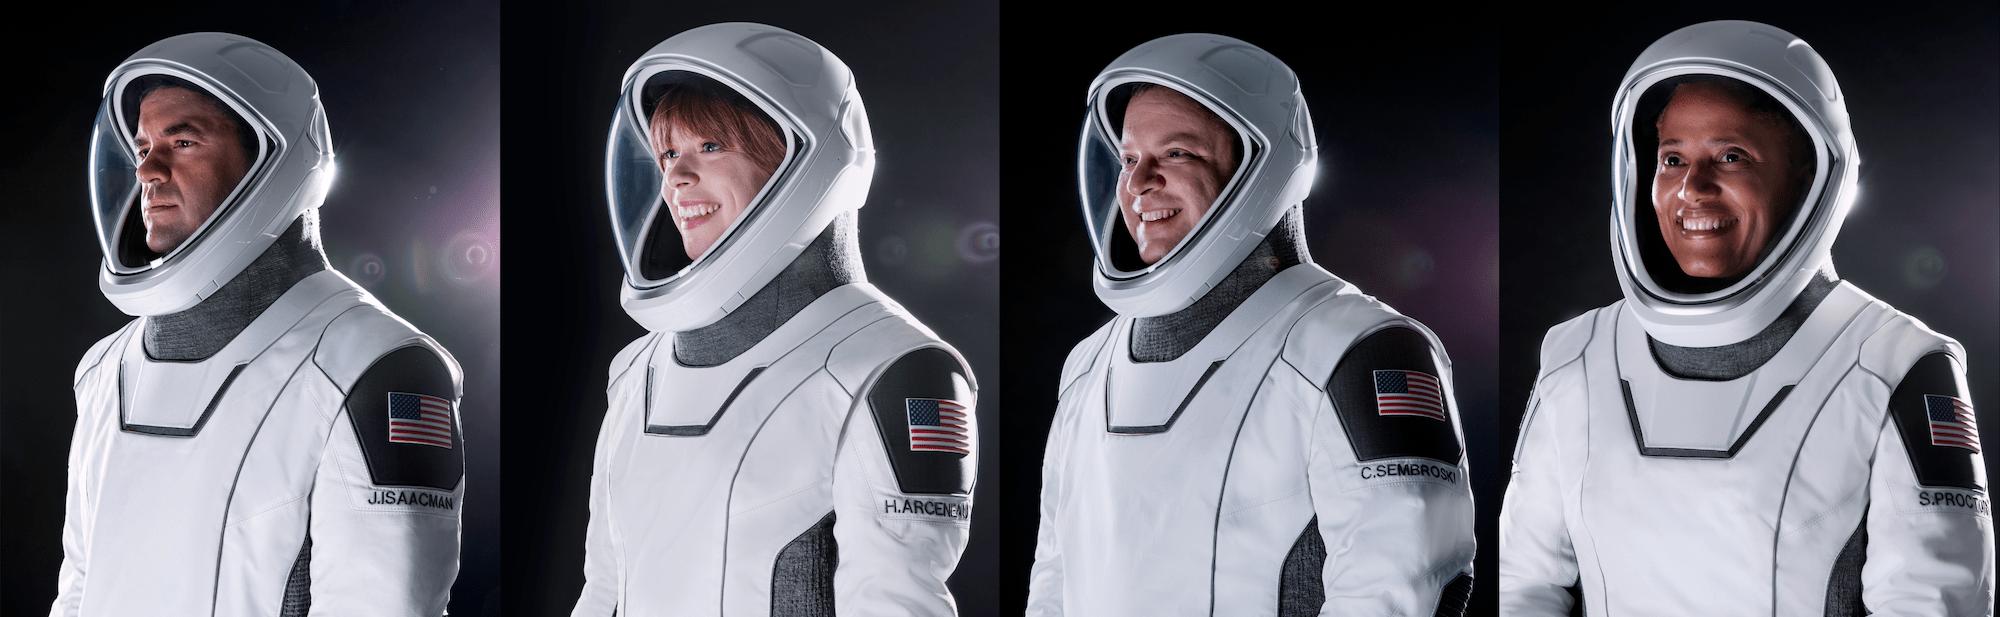 I ritratti ufficiali dei quattro membri di Inspiration4. Credits: SpaceX.